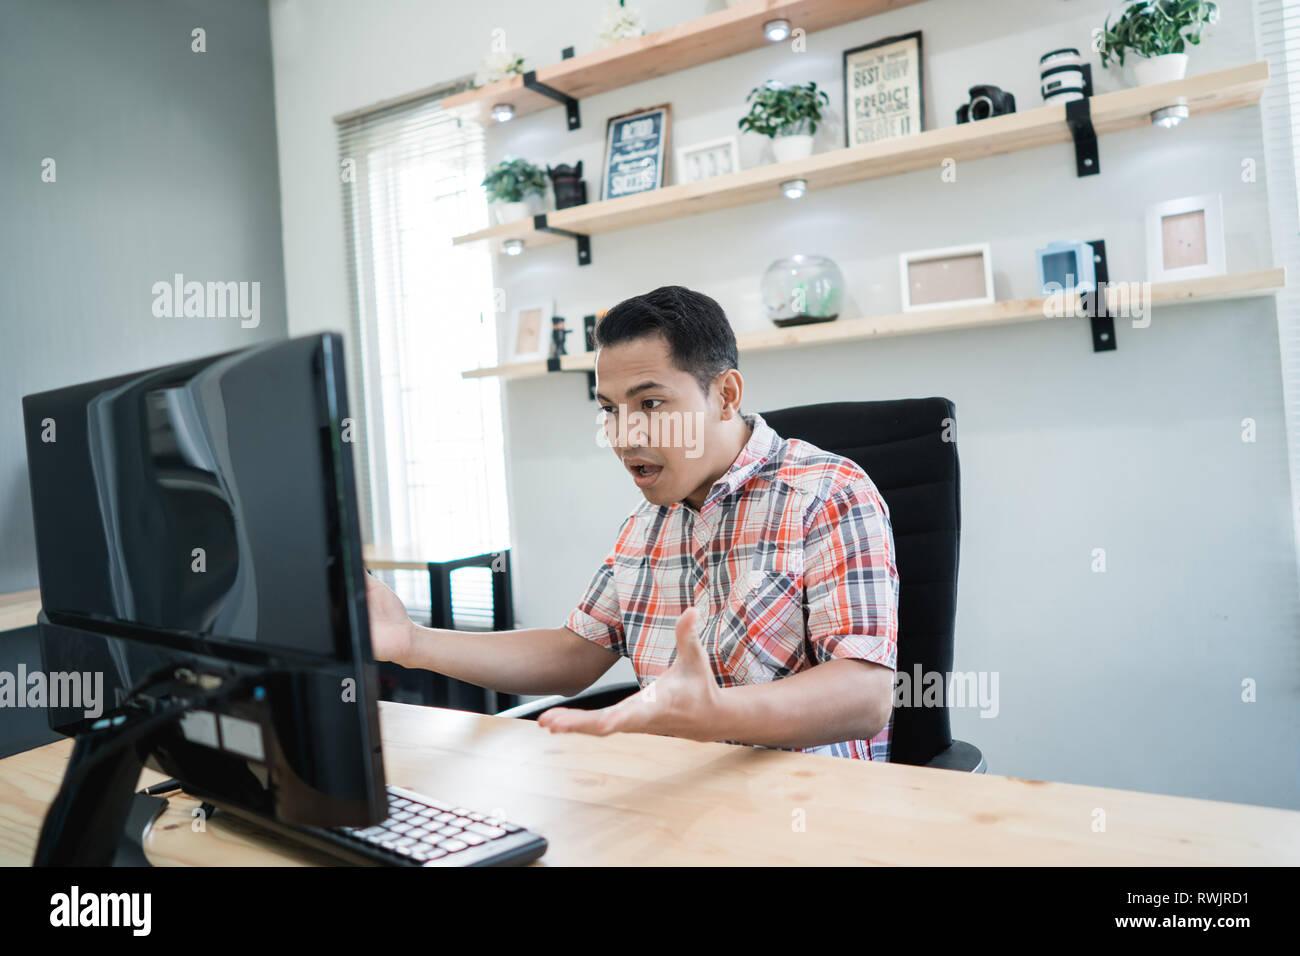 Enttäuscht Mann in seinem Büro Stockfoto